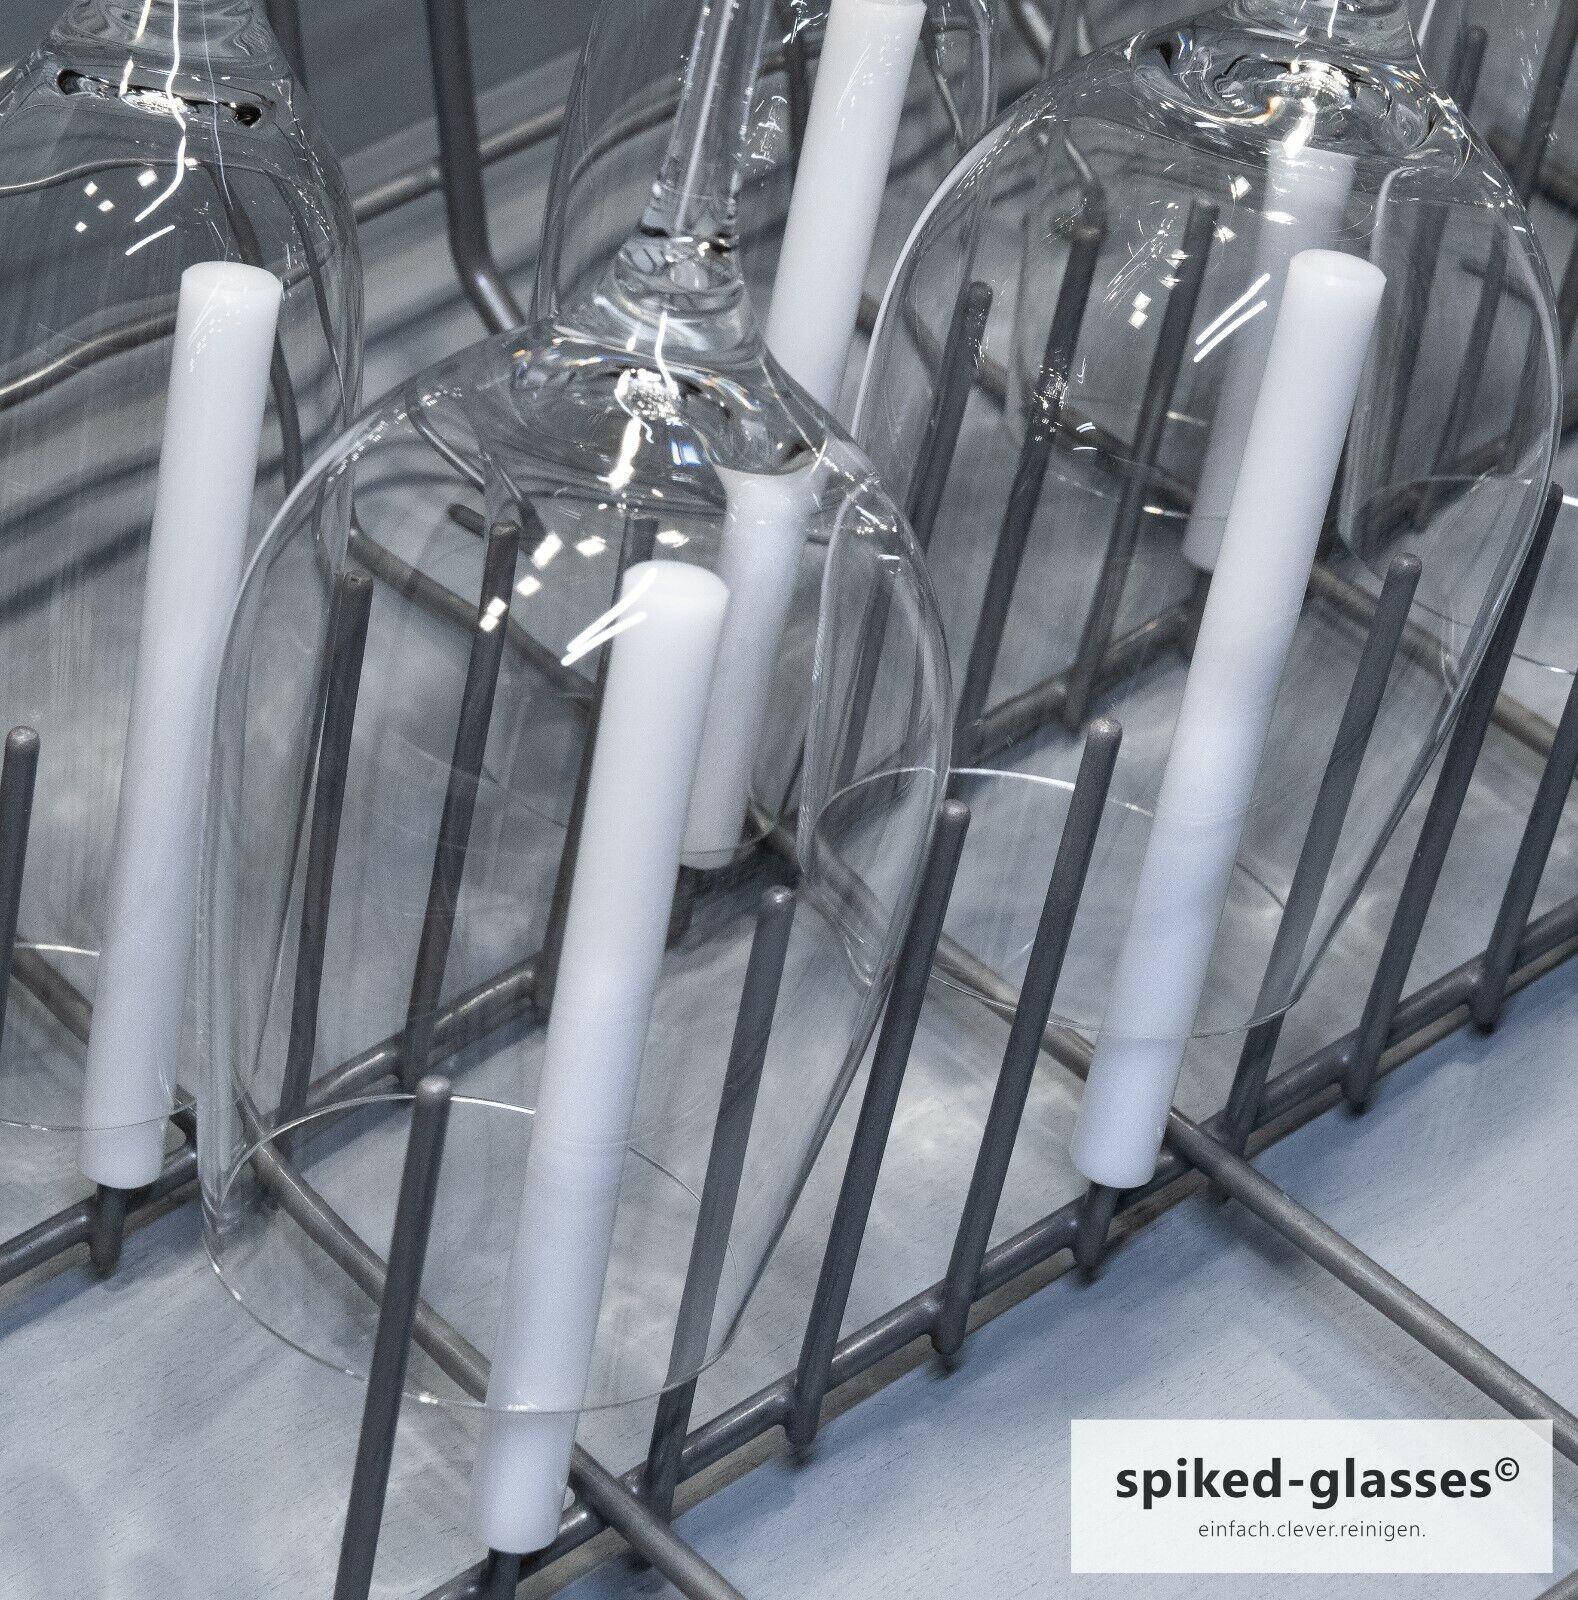 Sektparty 6er Set Kurze Aufsteckhalter Halterung f/ür Geschirrkorb Glas Gl/äser spiked-glasses Glashalter f/ür Sp/ülmaschine